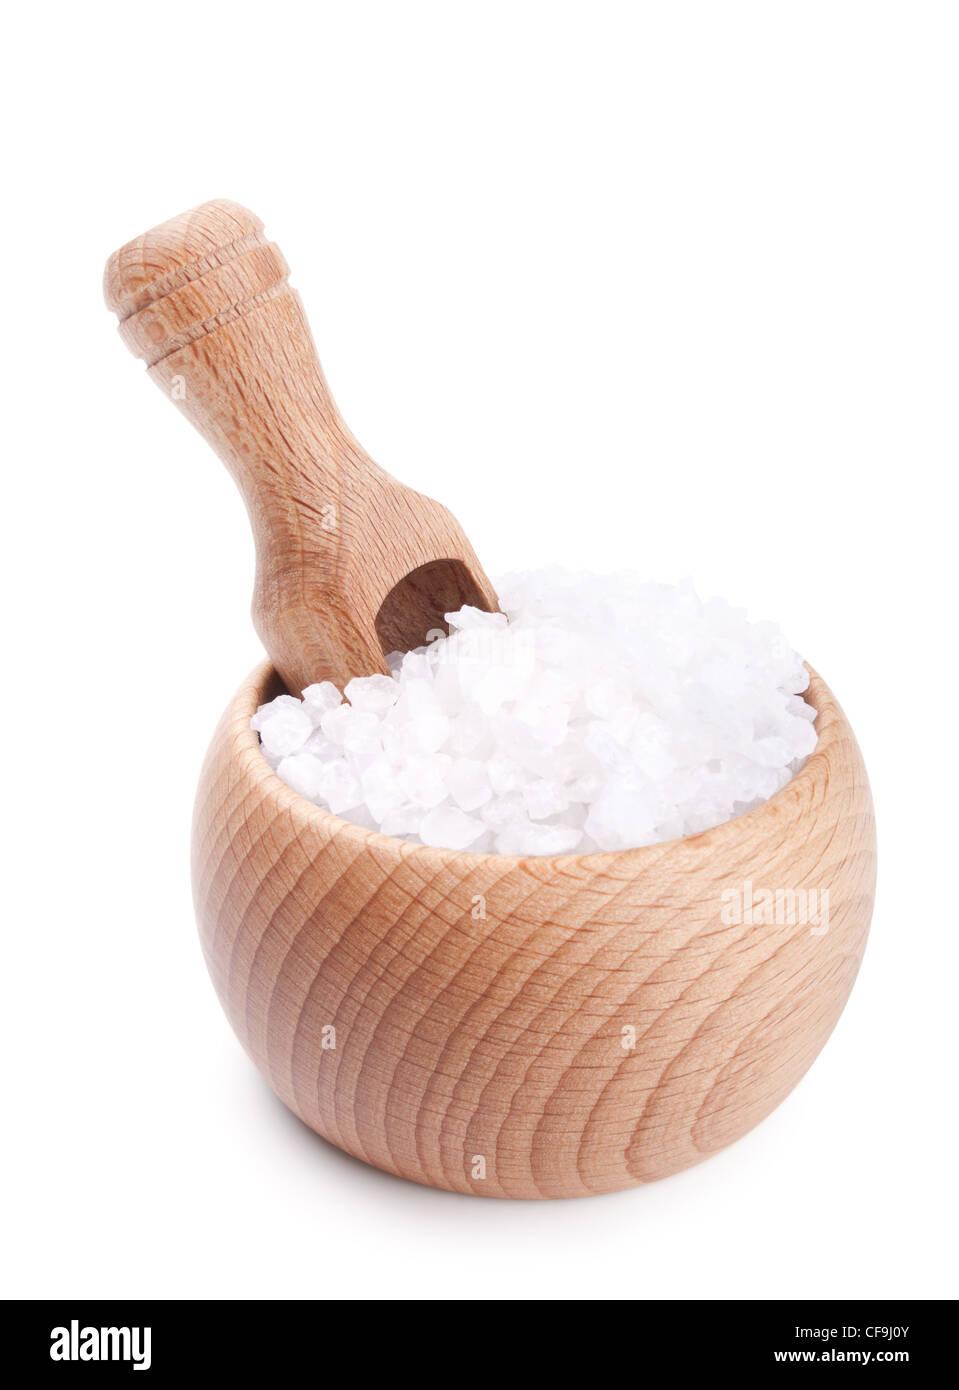 Scoop en bois dans un bol rempli de sel de mer isolé sur fond blanc Photo Stock